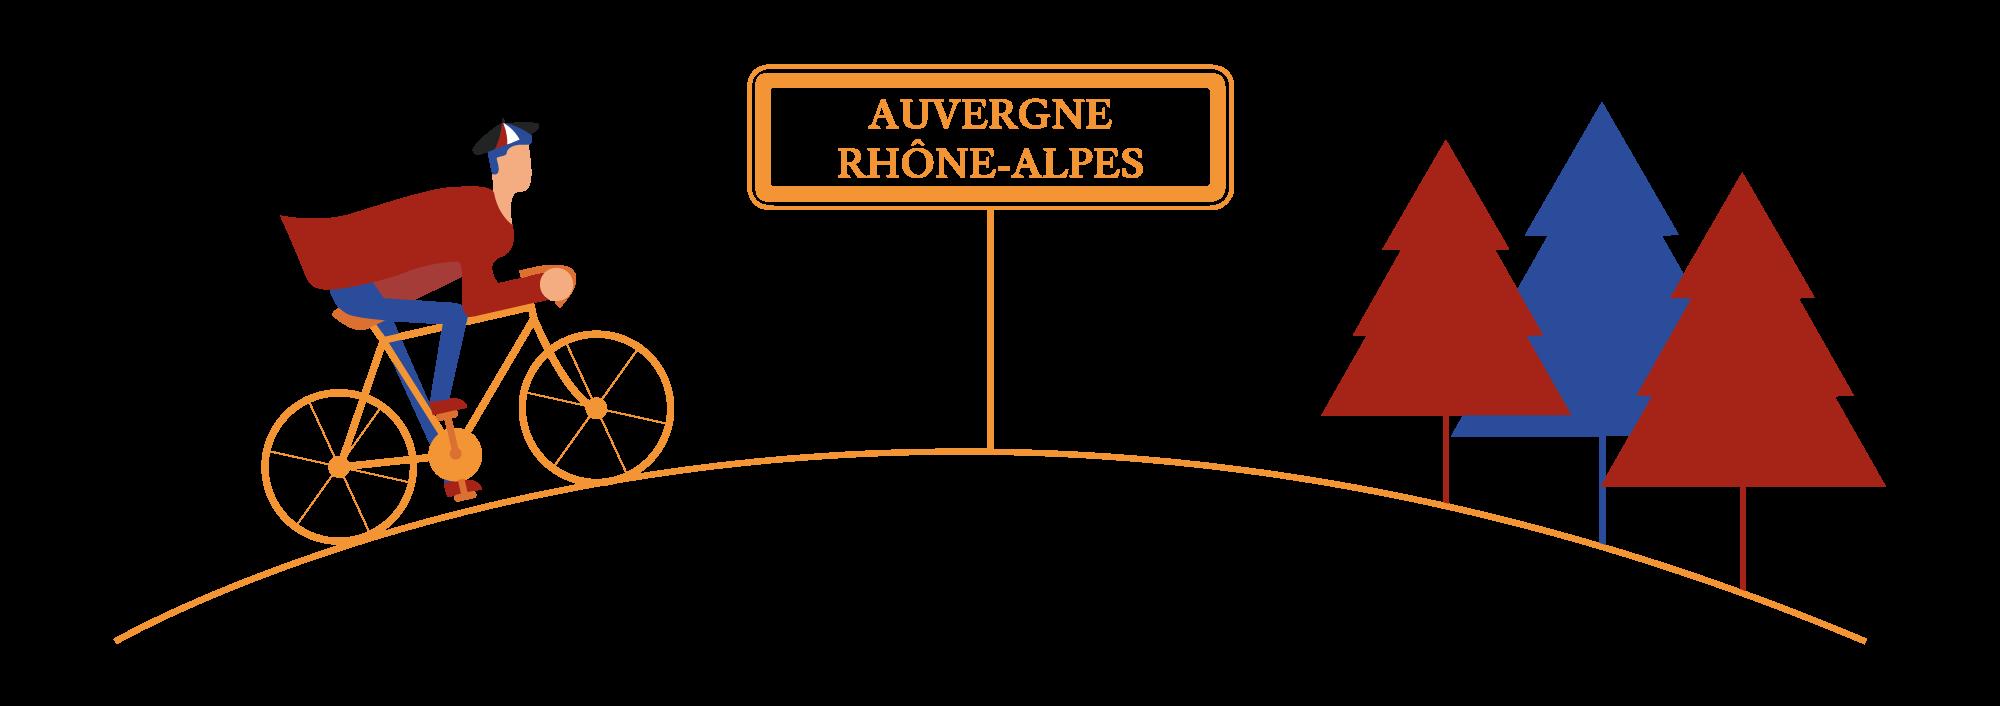 Spécialités d'Auvergne Rhône-Alpes